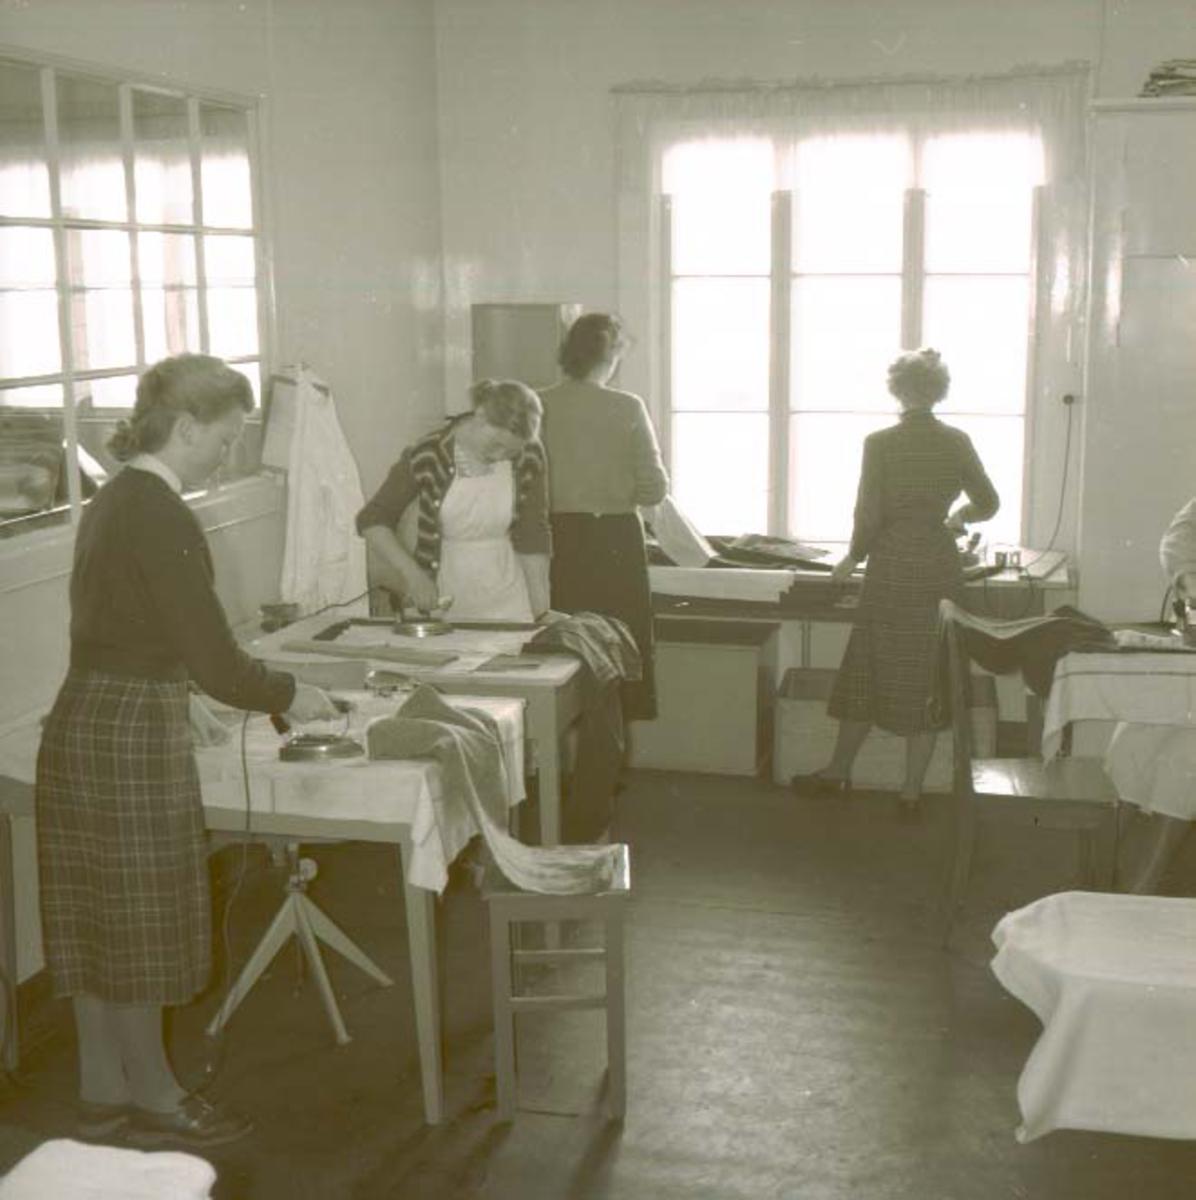 Interiør - Husmorskolen.Husmorskolen i Haugesund.